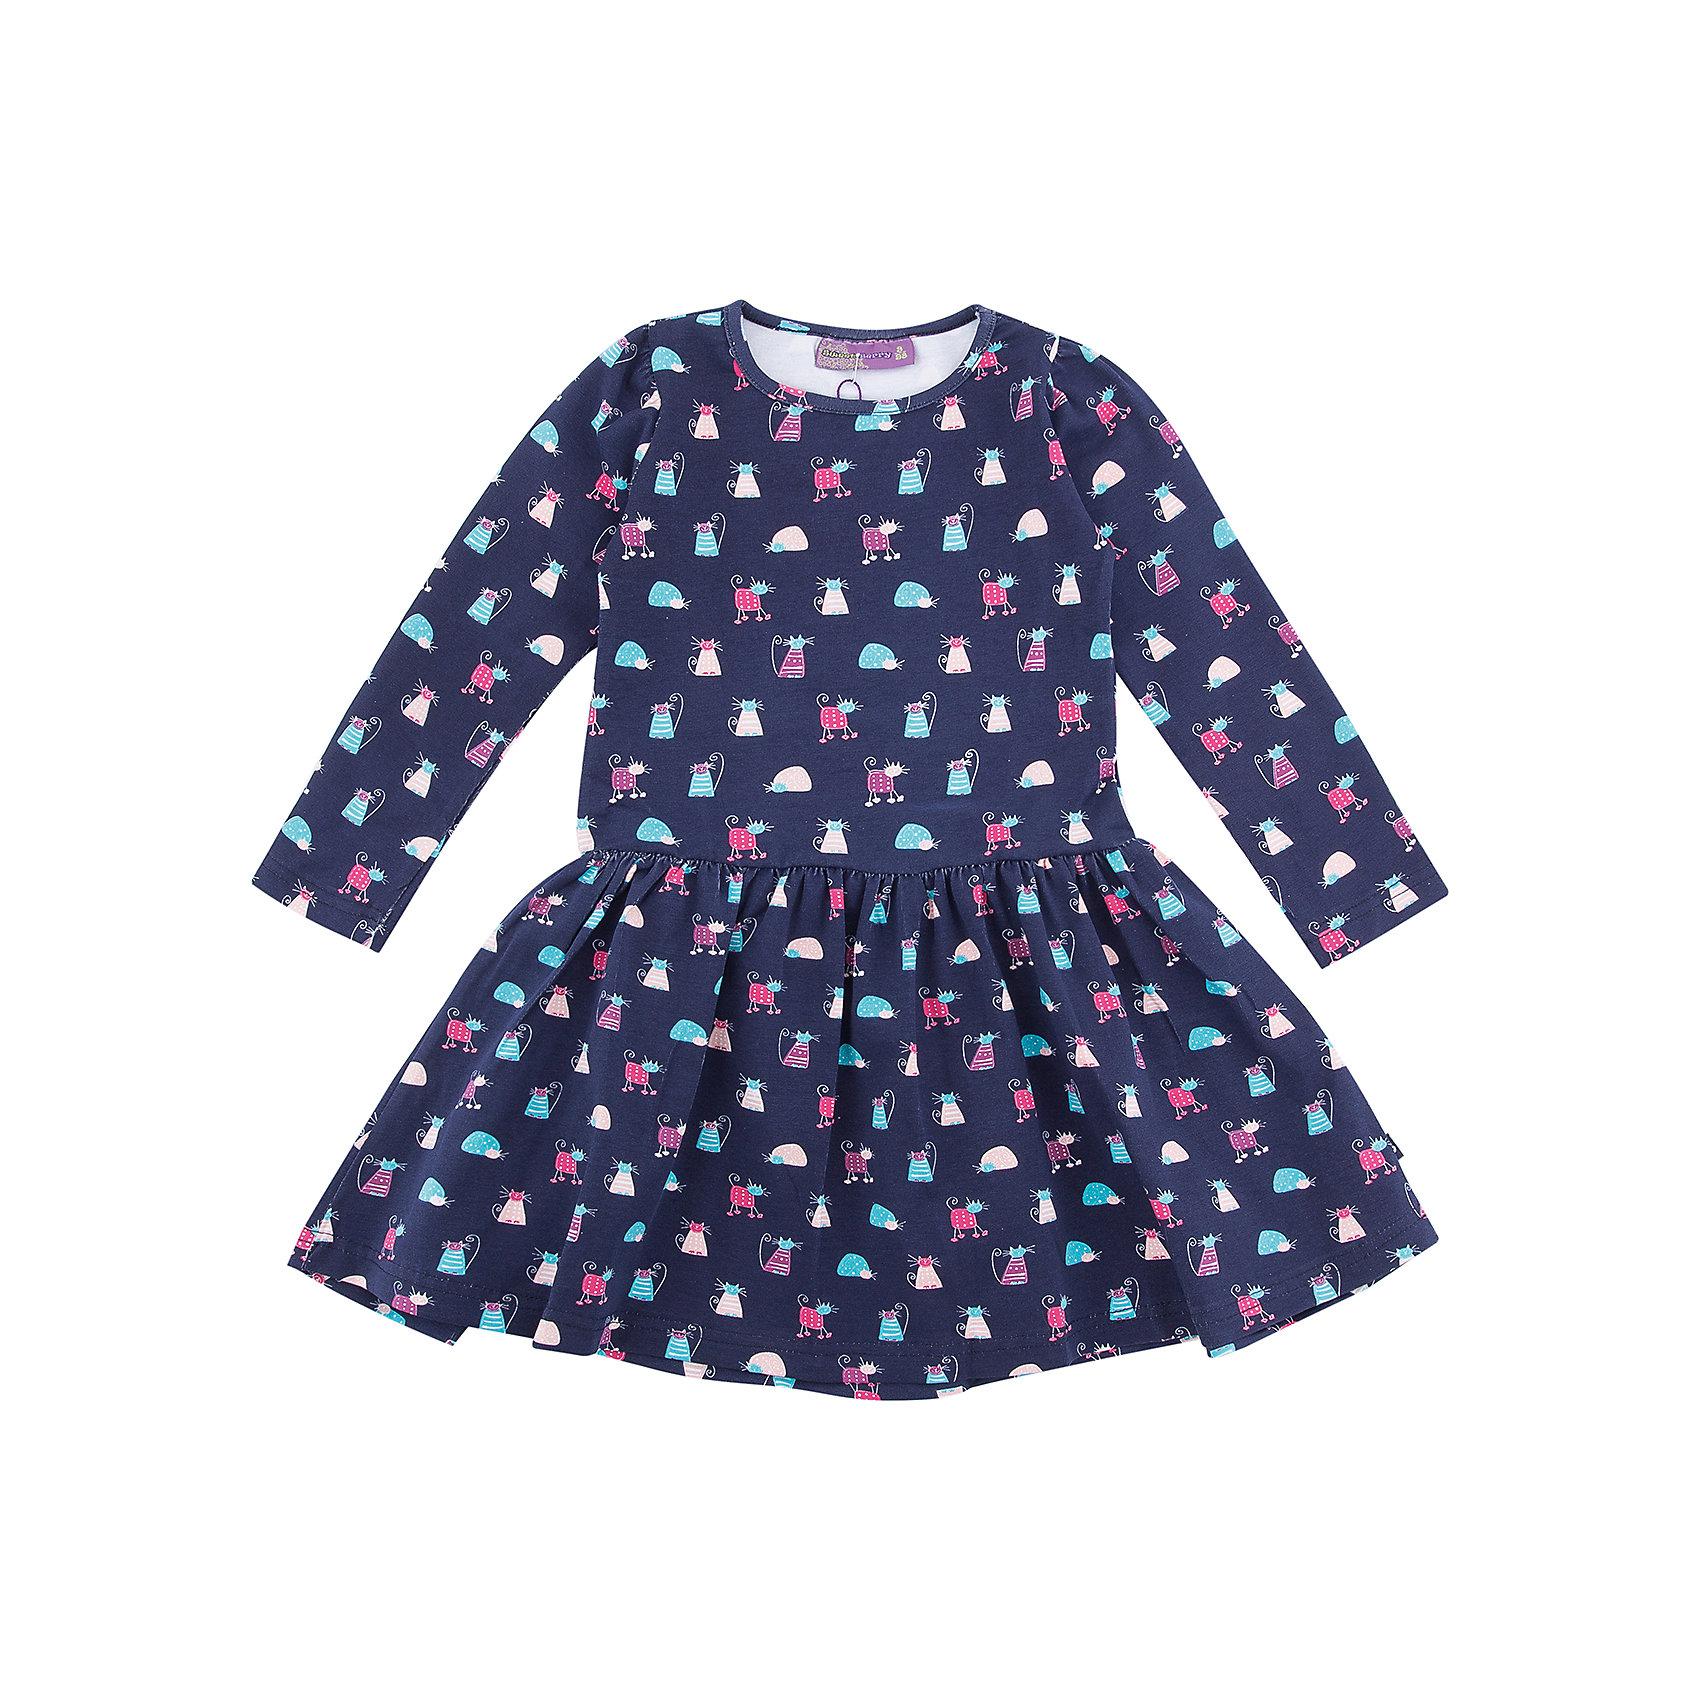 Платье Sweet Berry для девочкиПлатья и сарафаны<br>Характеристики товара:<br><br>• цвет: синий<br>• состав: 95% хлопок, 5% лайкра<br>• сезон: демисезон<br>• длинные рукава <br>• страна бренда: Россия<br>• страна производства: Китай<br><br>Это платье для девочки сделано из мягкого дышащего материала. Удобное платье Sweet Berry для девочки отличается оригинальным принтом. В таком детском платье ребенок будет выглядеть аккуратно и чувствовать себя комфортно.<br><br>Платье Sweet Berry (Свит Берри) для девочки можно купить в нашем интернет-магазине.<br><br>Ширина мм: 236<br>Глубина мм: 16<br>Высота мм: 184<br>Вес г: 177<br>Цвет: синий<br>Возраст от месяцев: 24<br>Возраст до месяцев: 36<br>Пол: Женский<br>Возраст: Детский<br>Размер: 98,128,122,116,110,104<br>SKU: 7096879